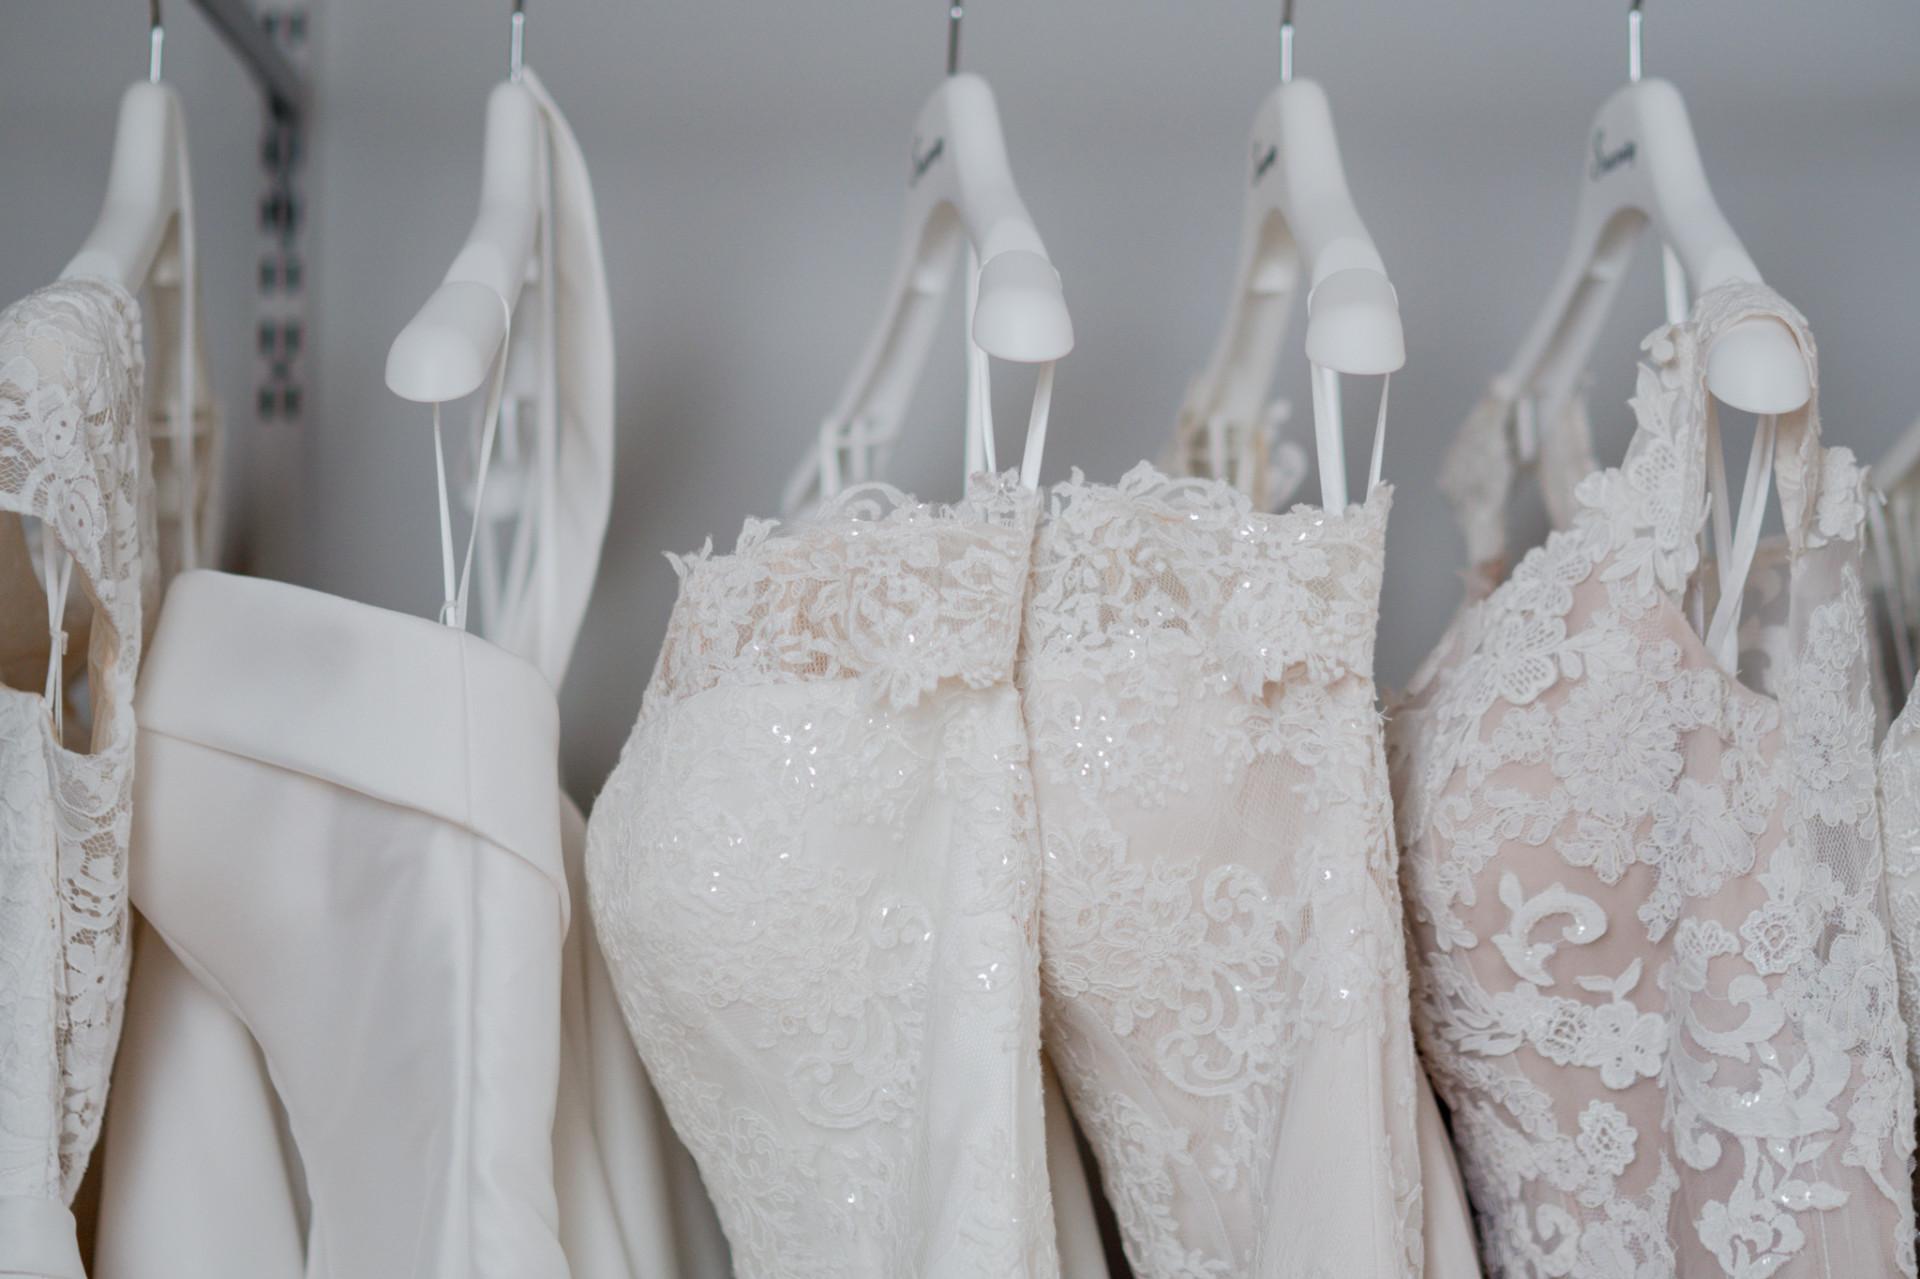 Brudekjoler på hengere